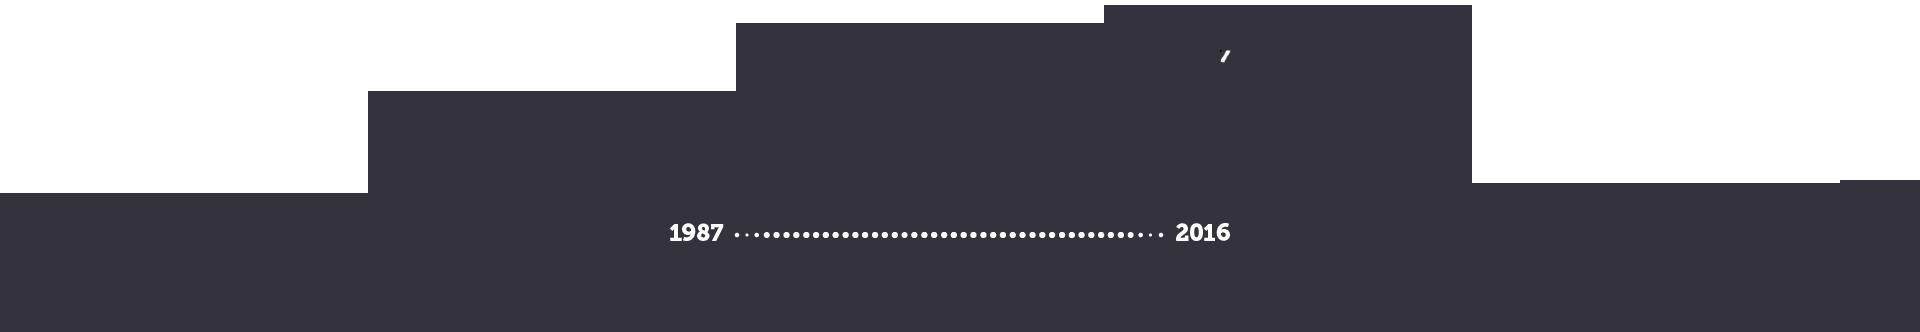 bg_evolutiotime